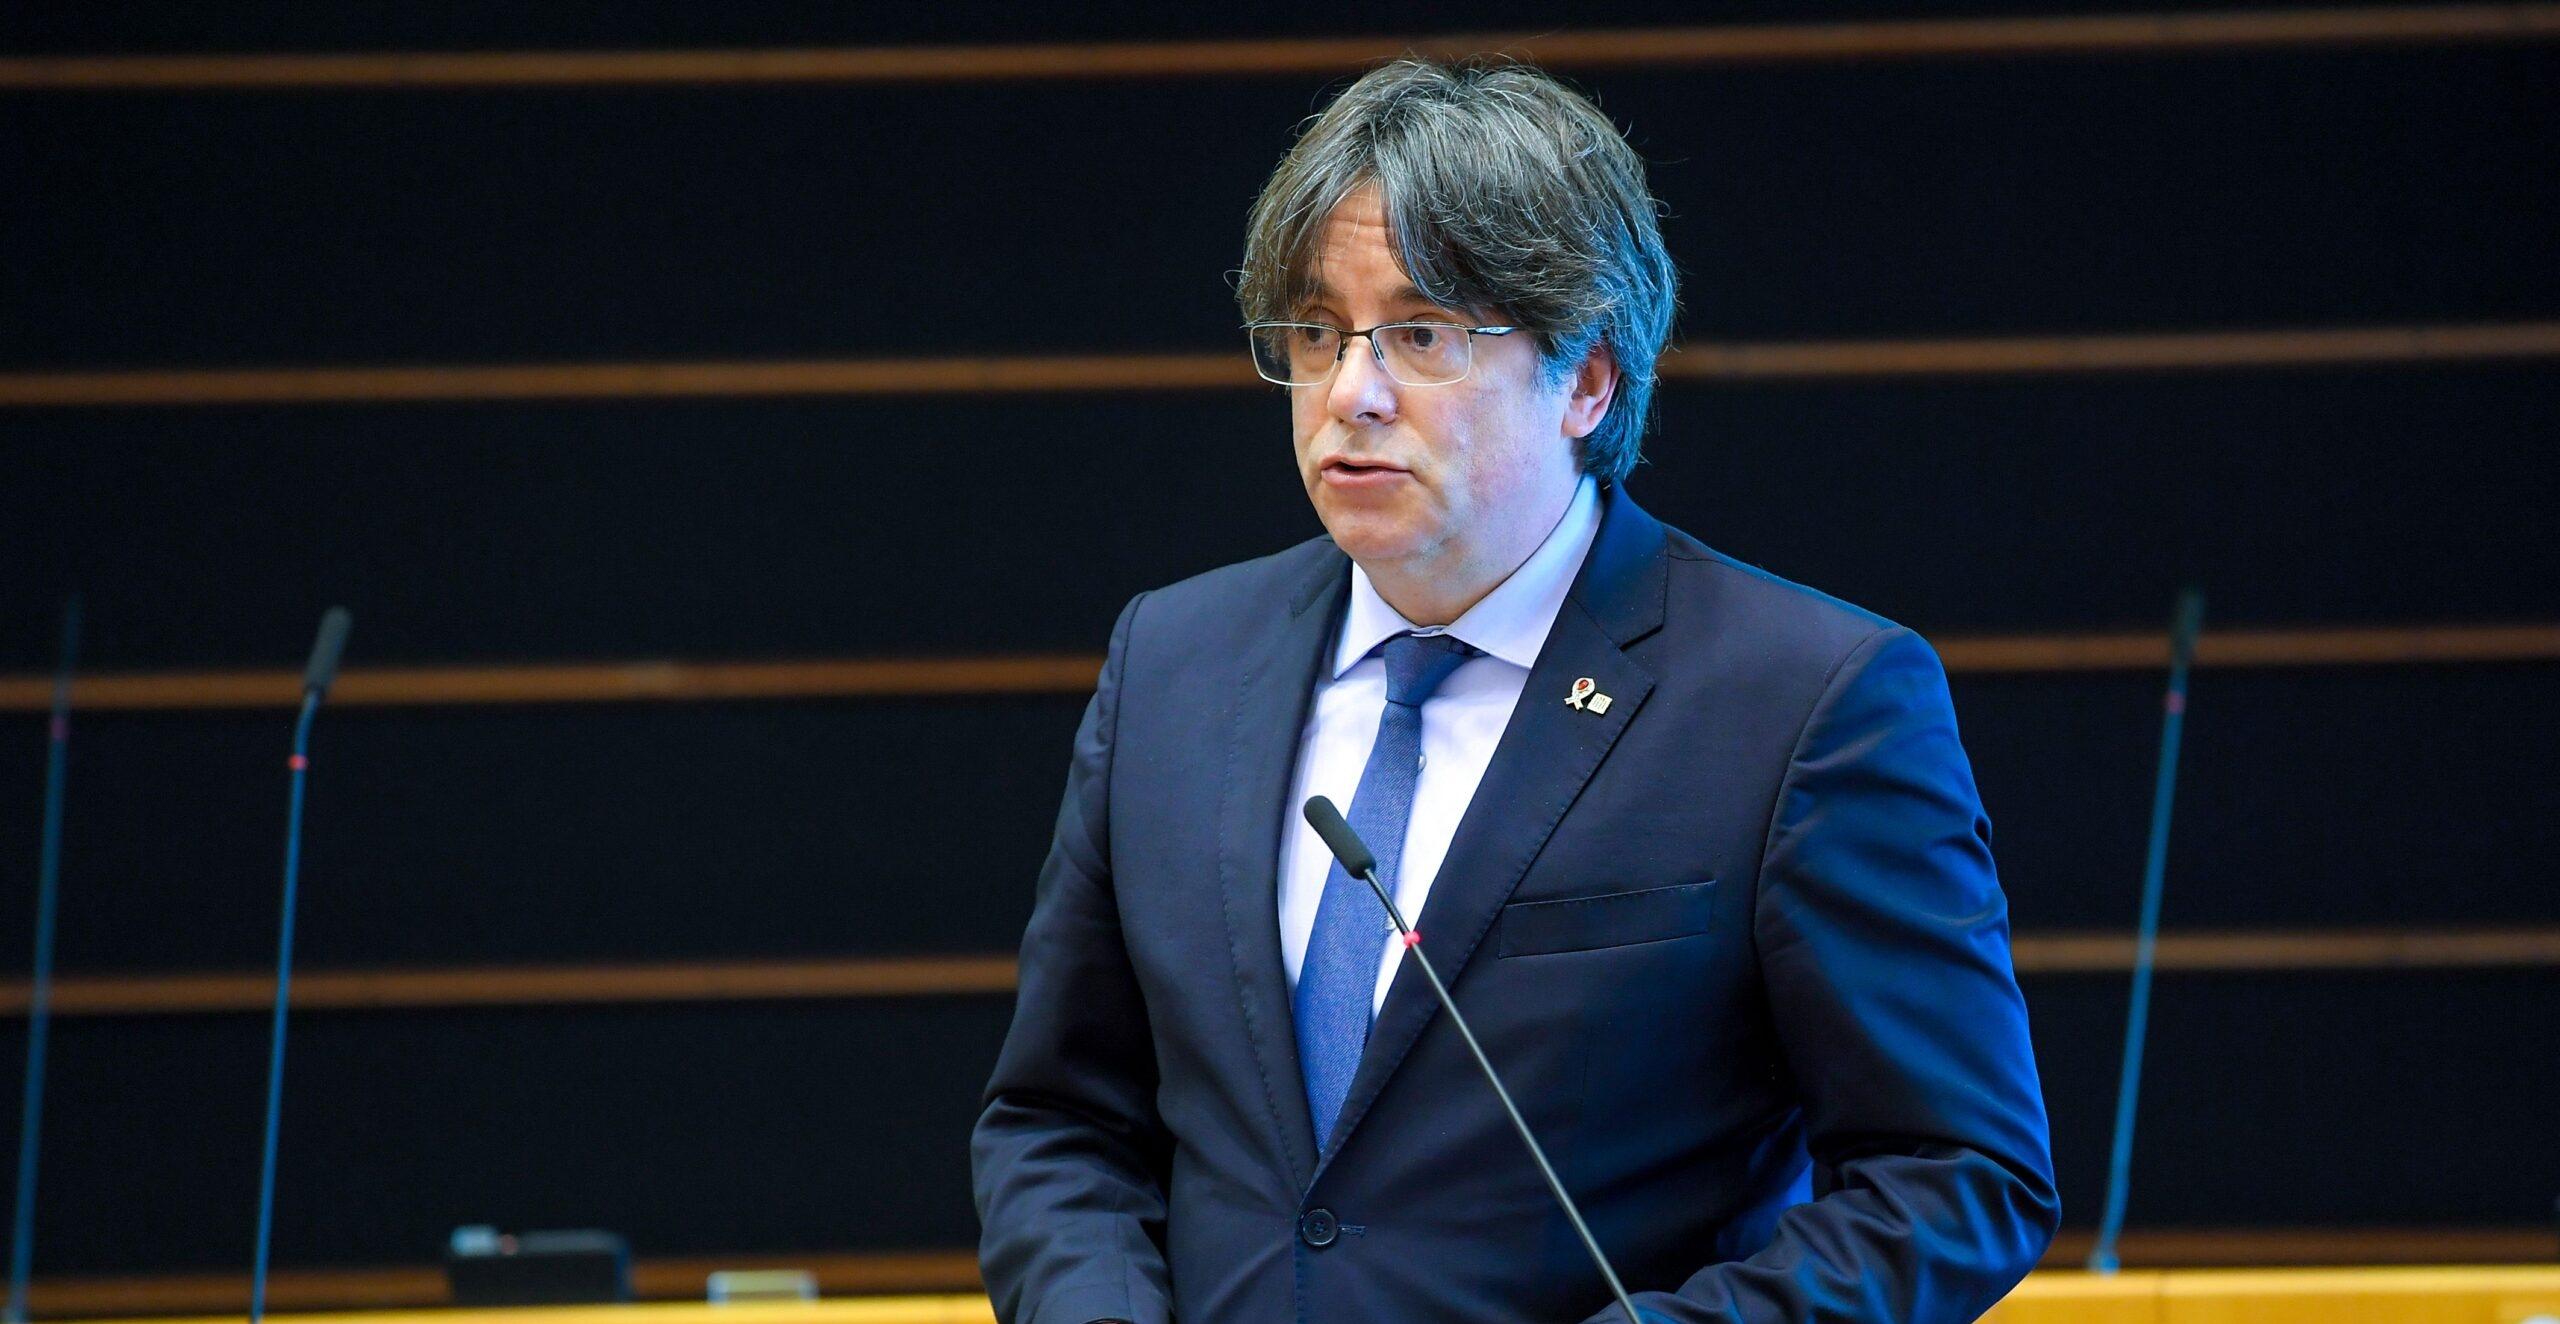 El president a l'exili i líder de JxCat Carles Puigdemont durant un debat a l'Eurocambra el 18 de juny del 2020 (ACN)